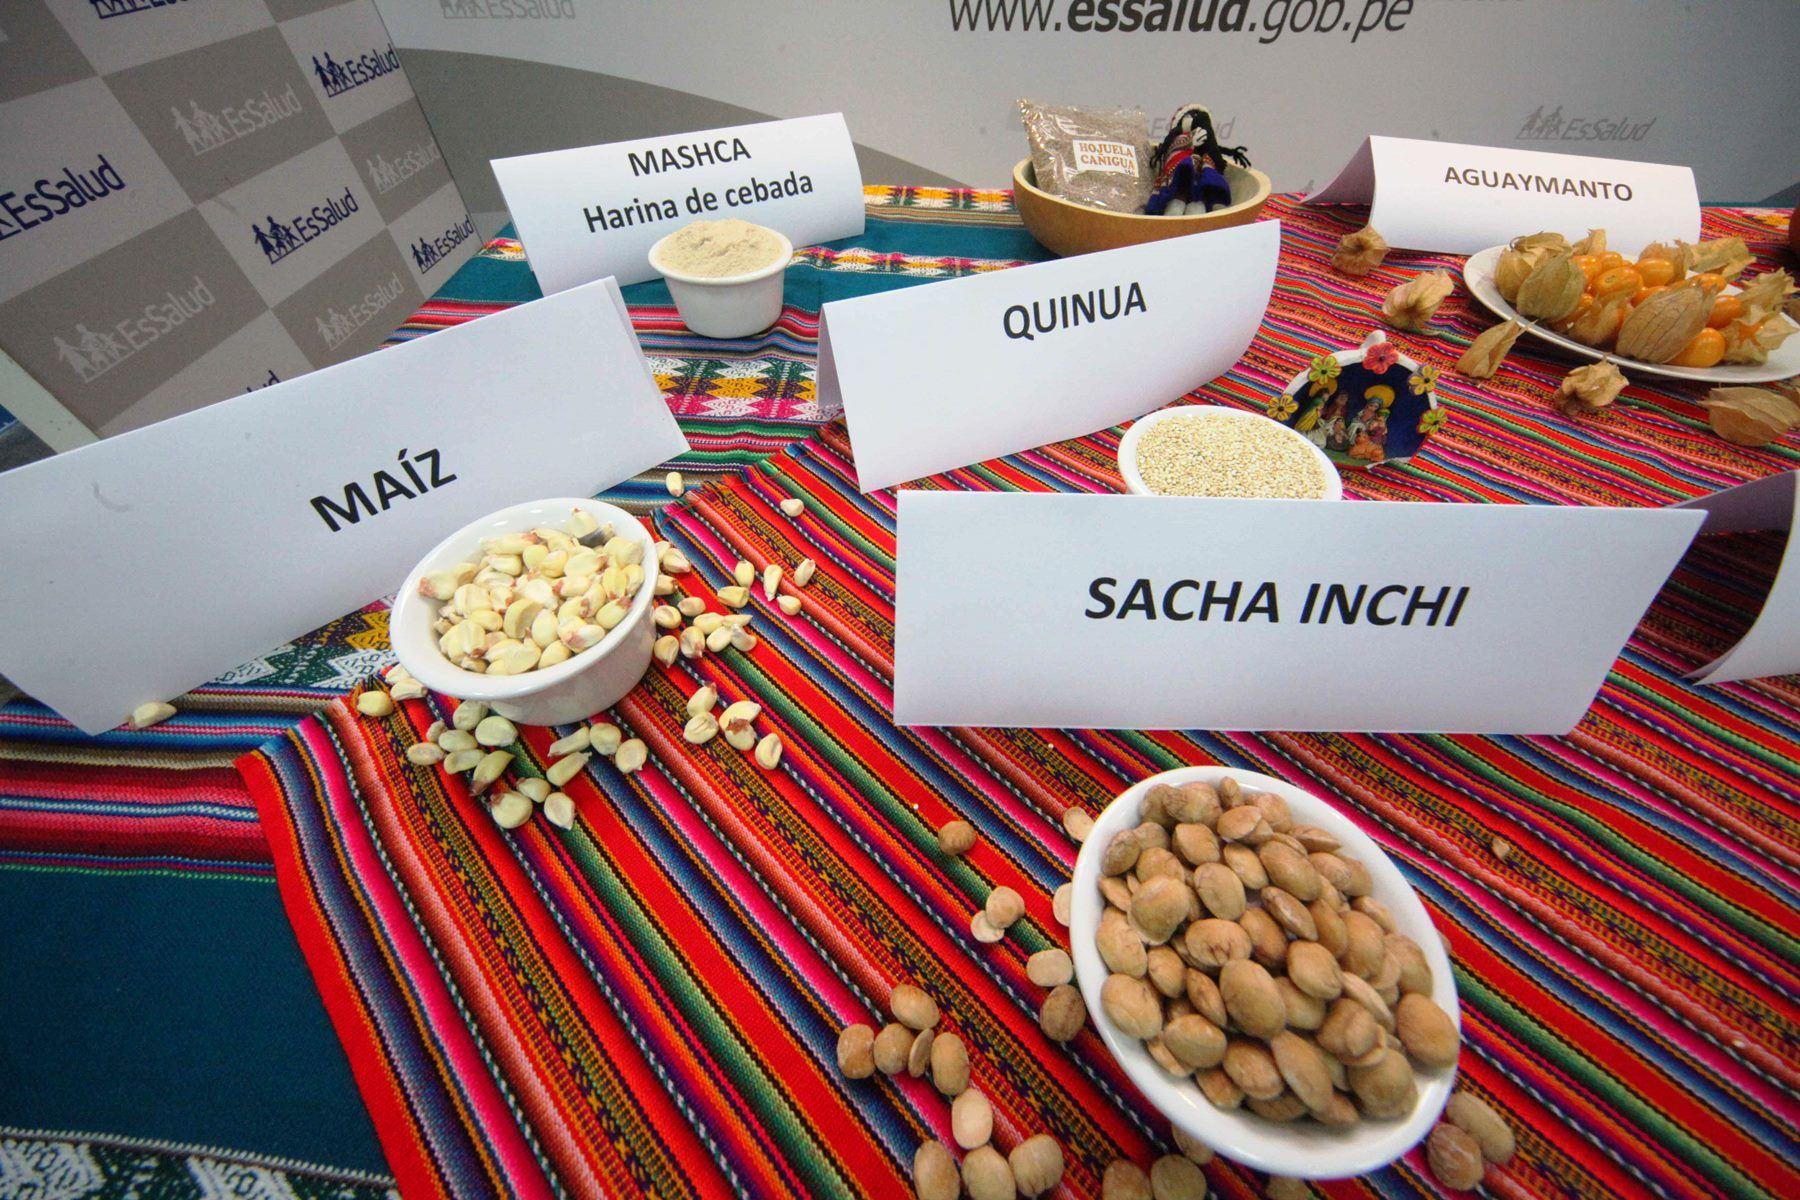 Los granos andinos, como la quinua, la kiwicha, el maíz, el sacha inchi, entre otros, son considerados superalimentos por su alta concentración de nutrientes esenciales para elevar nuestras defensas y optimizar el correcto funcionamiento de nuestro organismo. ANDINA/Difusión